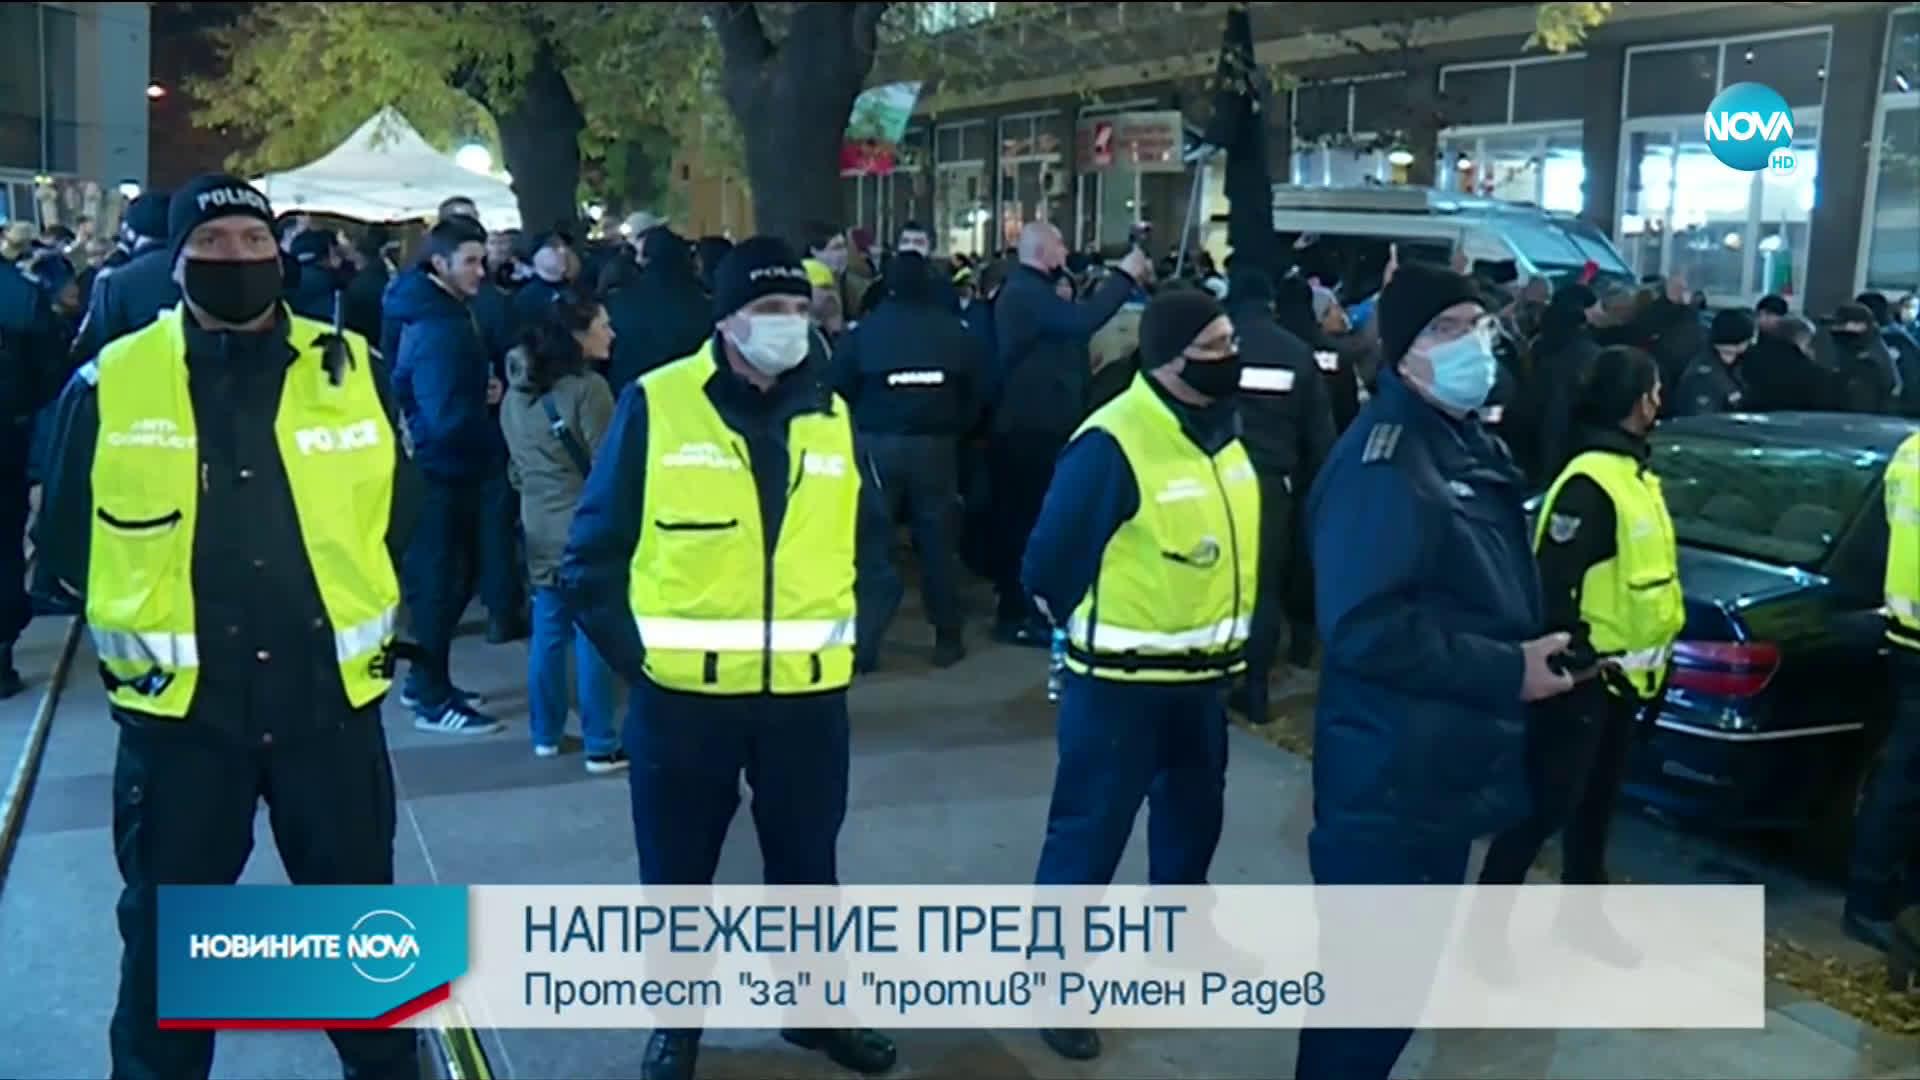 """НАПРЕЖЕНИЕ ПРЕД БНТ: Протест """"за"""" и """"против"""" Румен Радев"""